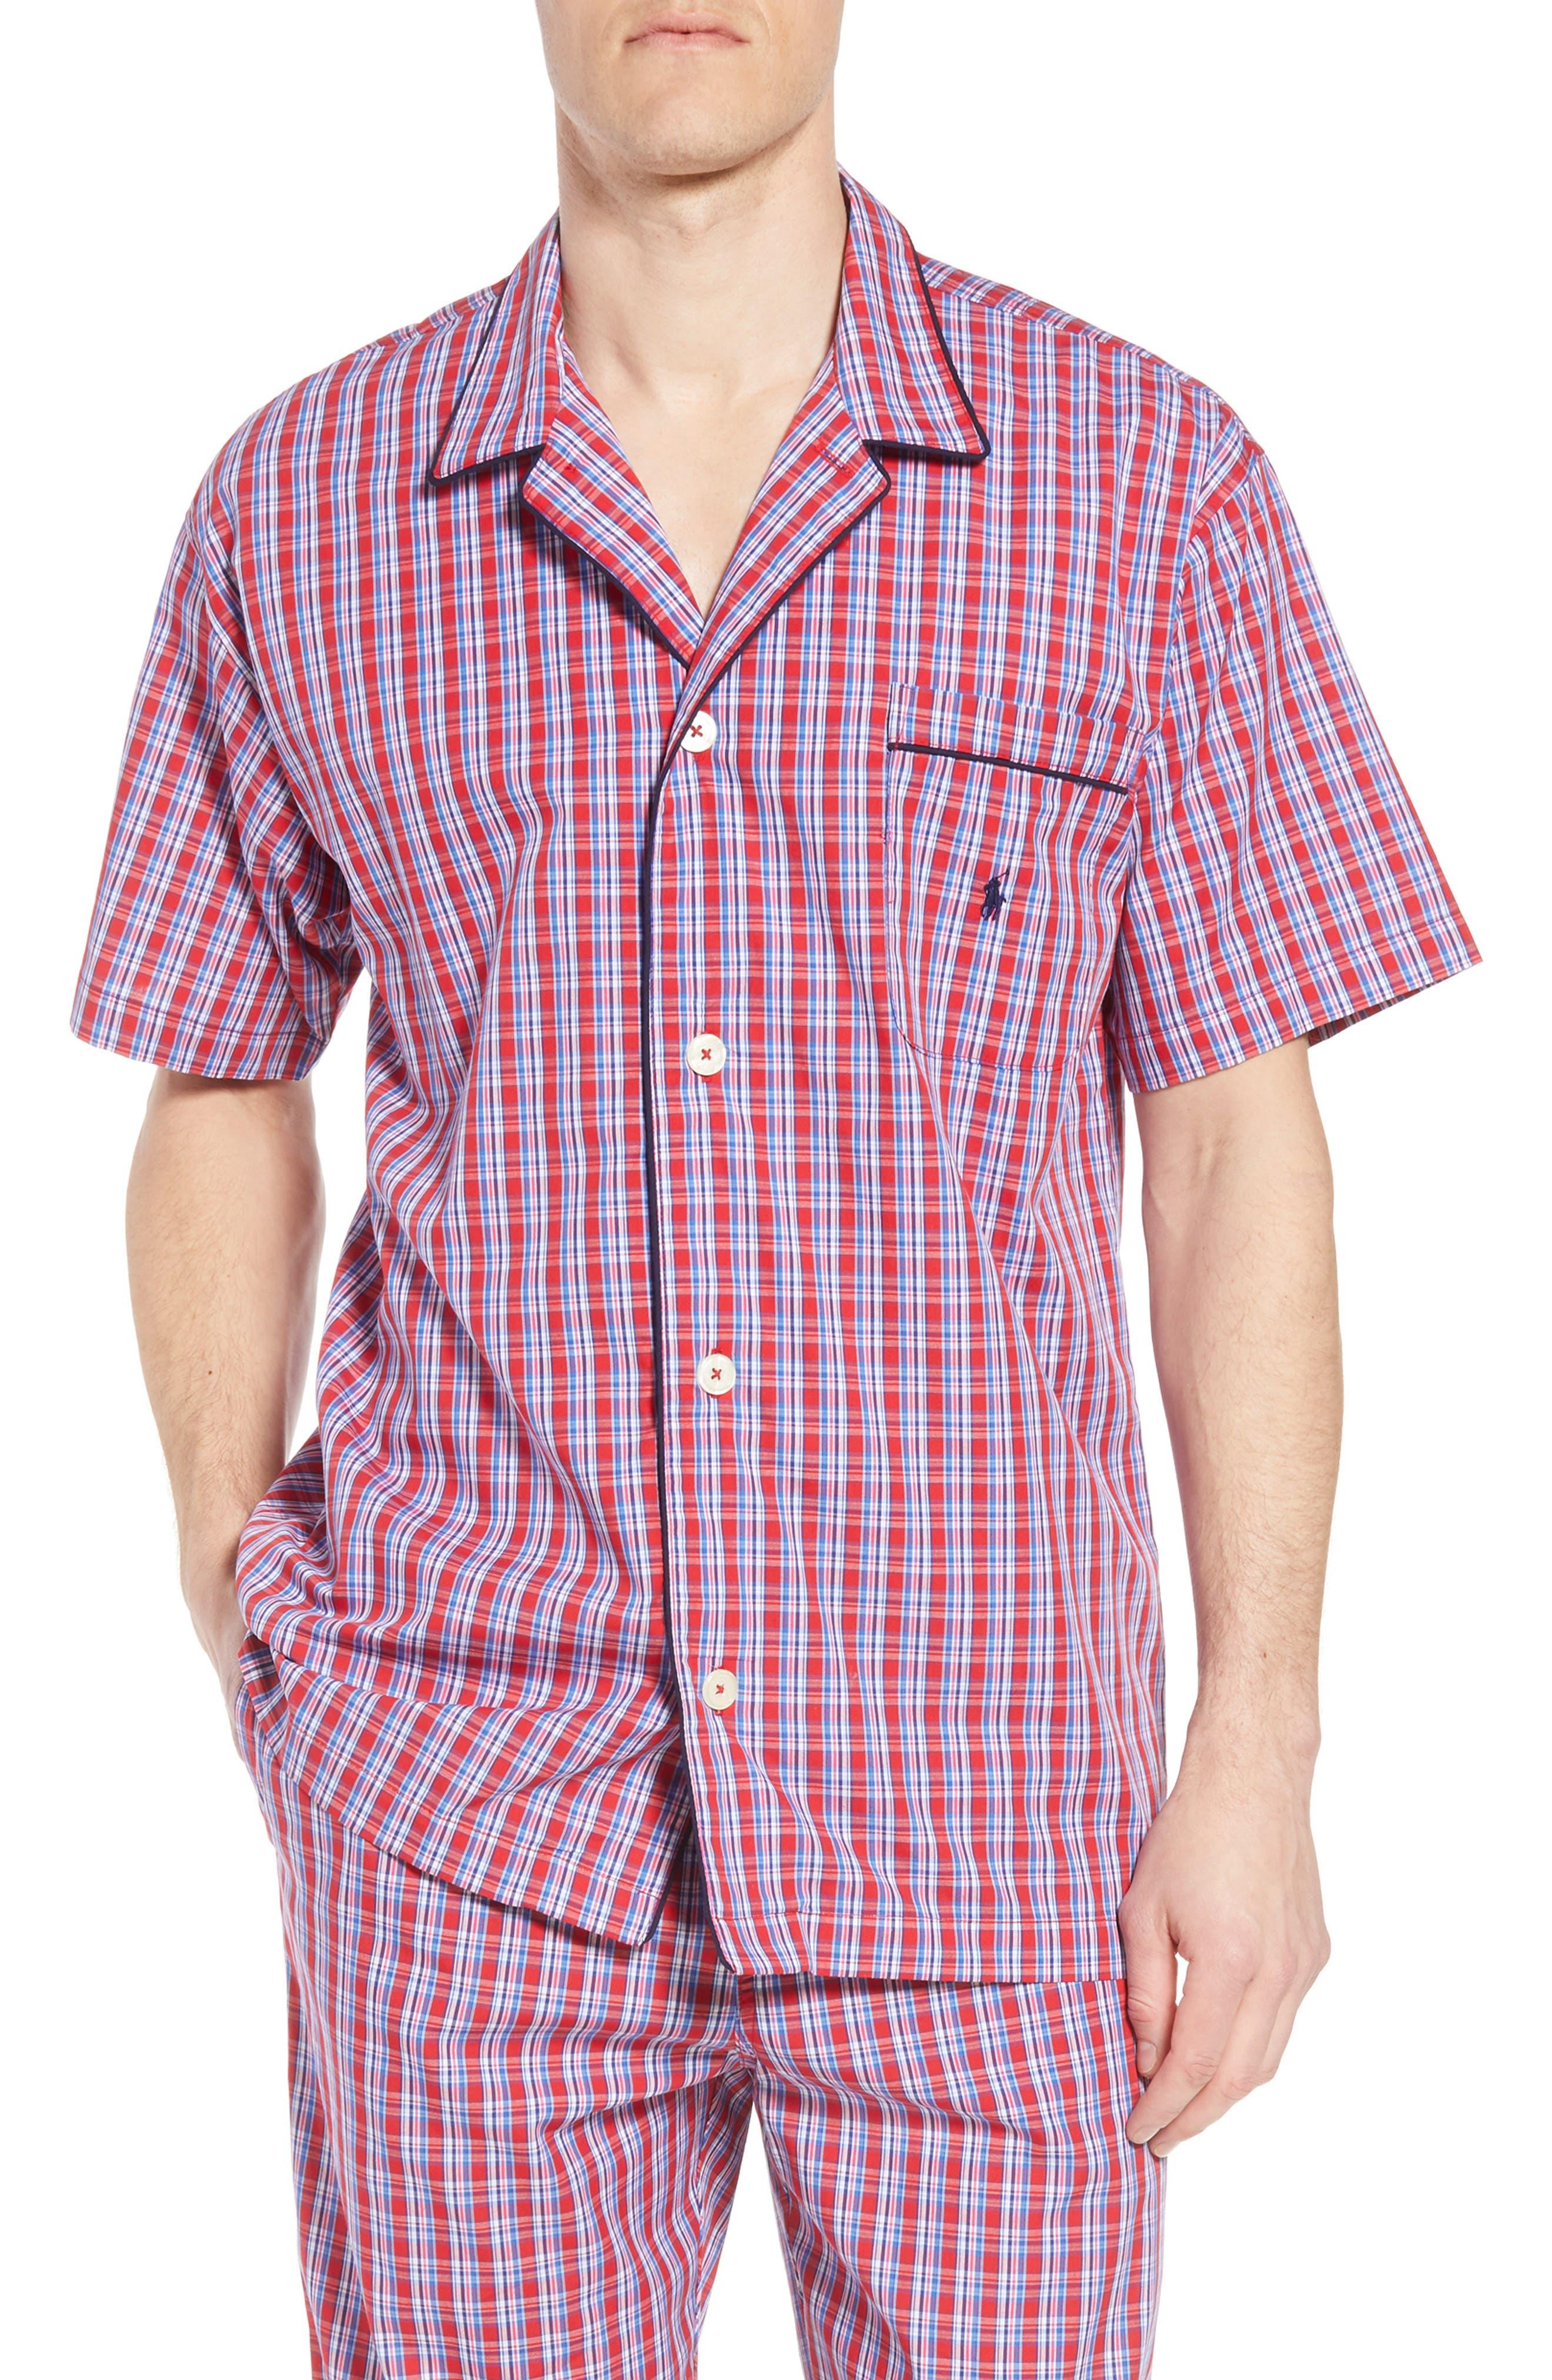 Cotton Pajama Shirt,                             Main thumbnail 1, color,                             NEWPORT PLAID/ NAVY